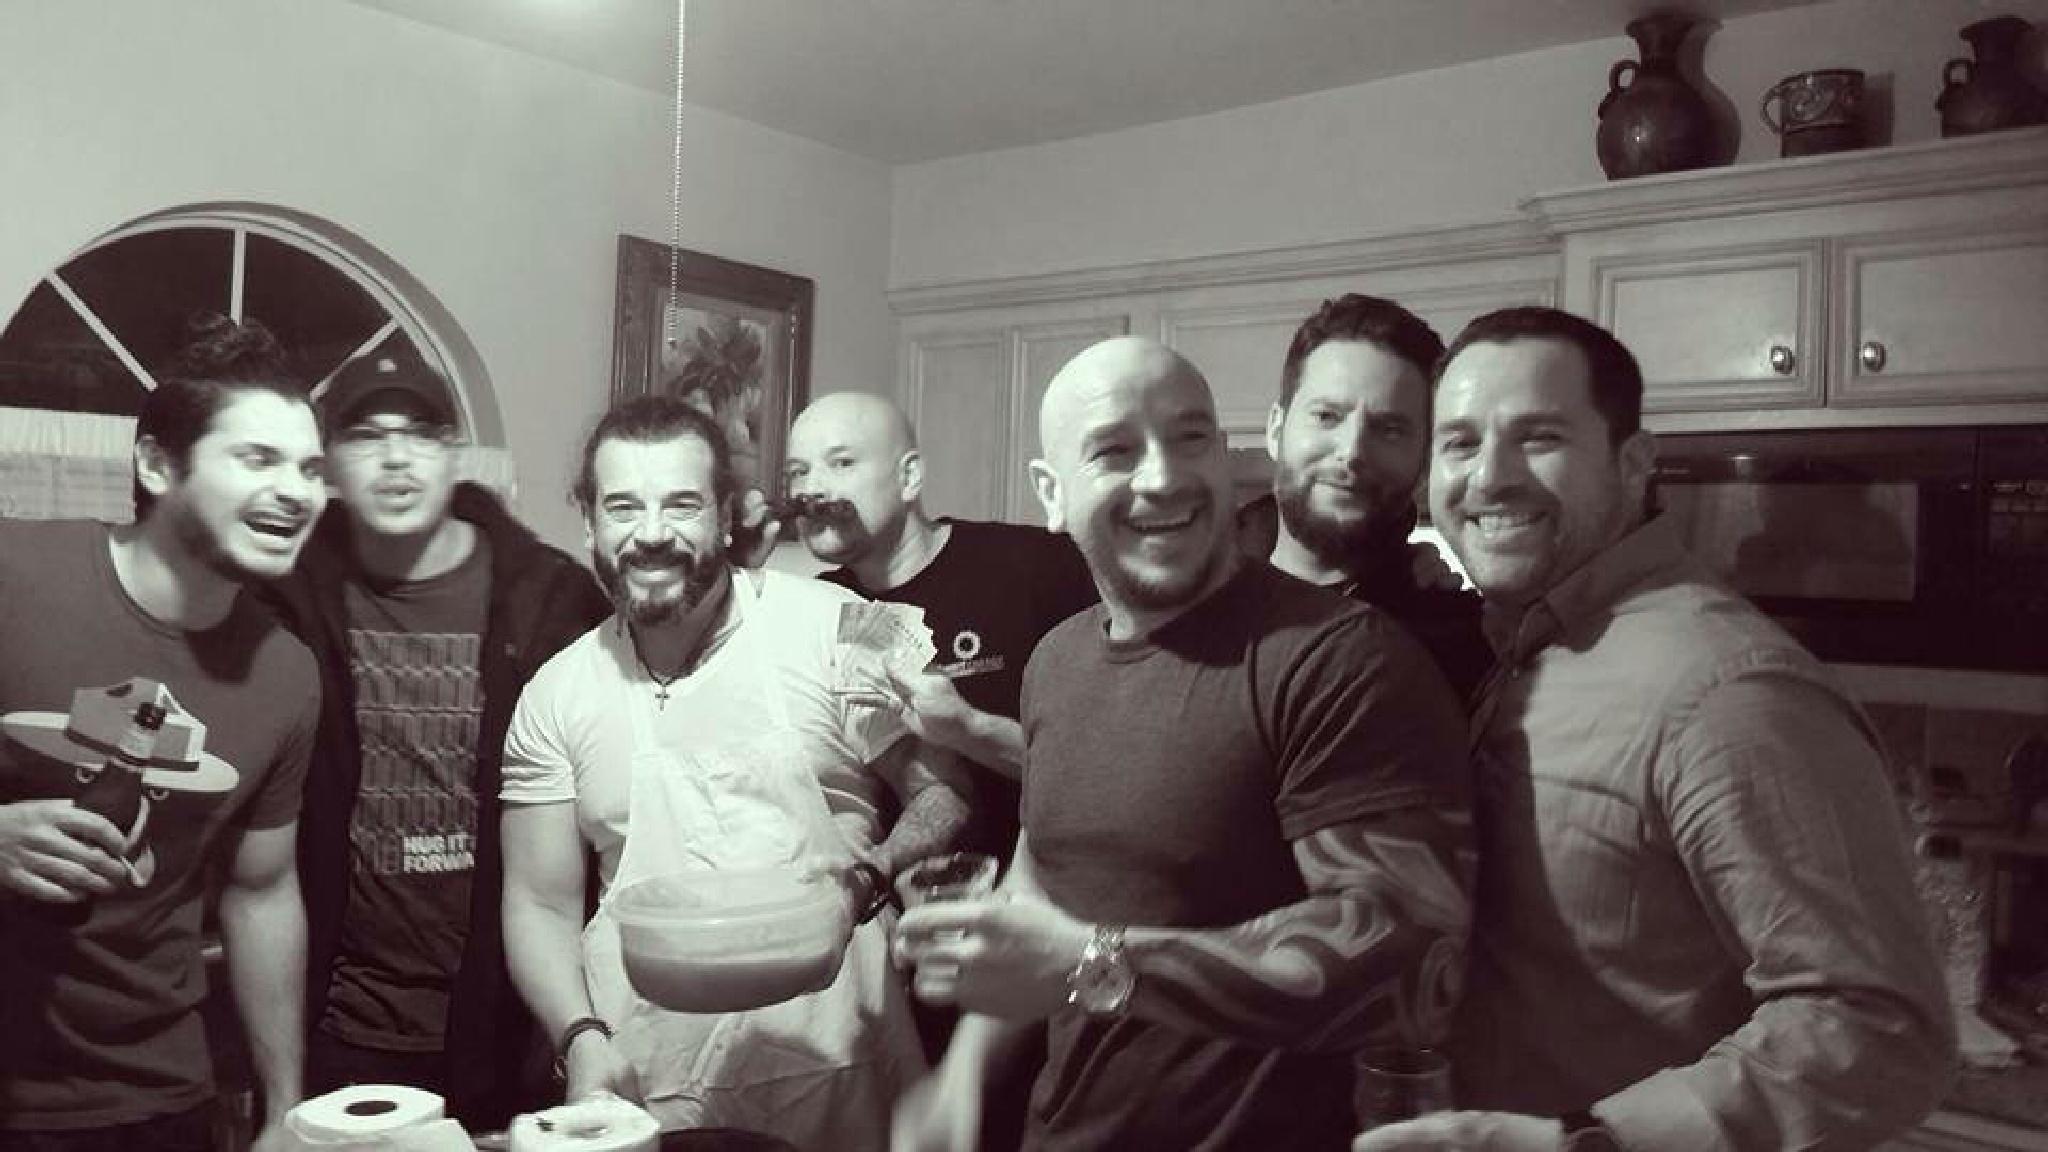 Feeding the boys by Frank Chapa